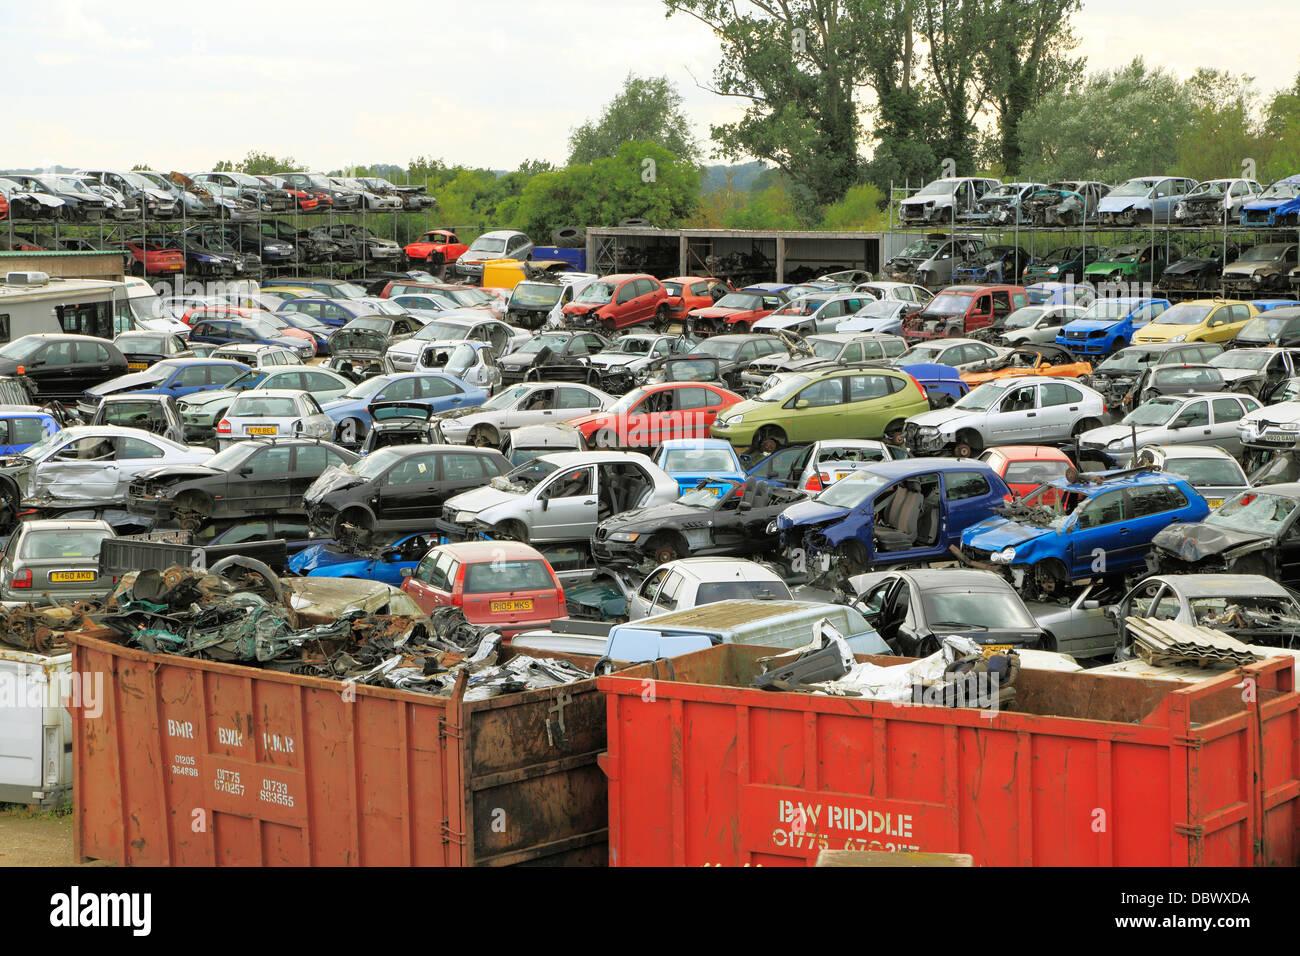 """Vehículos destrozados Dump , """"salvage yard, almacén de reciclaje de chatarra de autos volcados vehículos Imagen De Stock"""